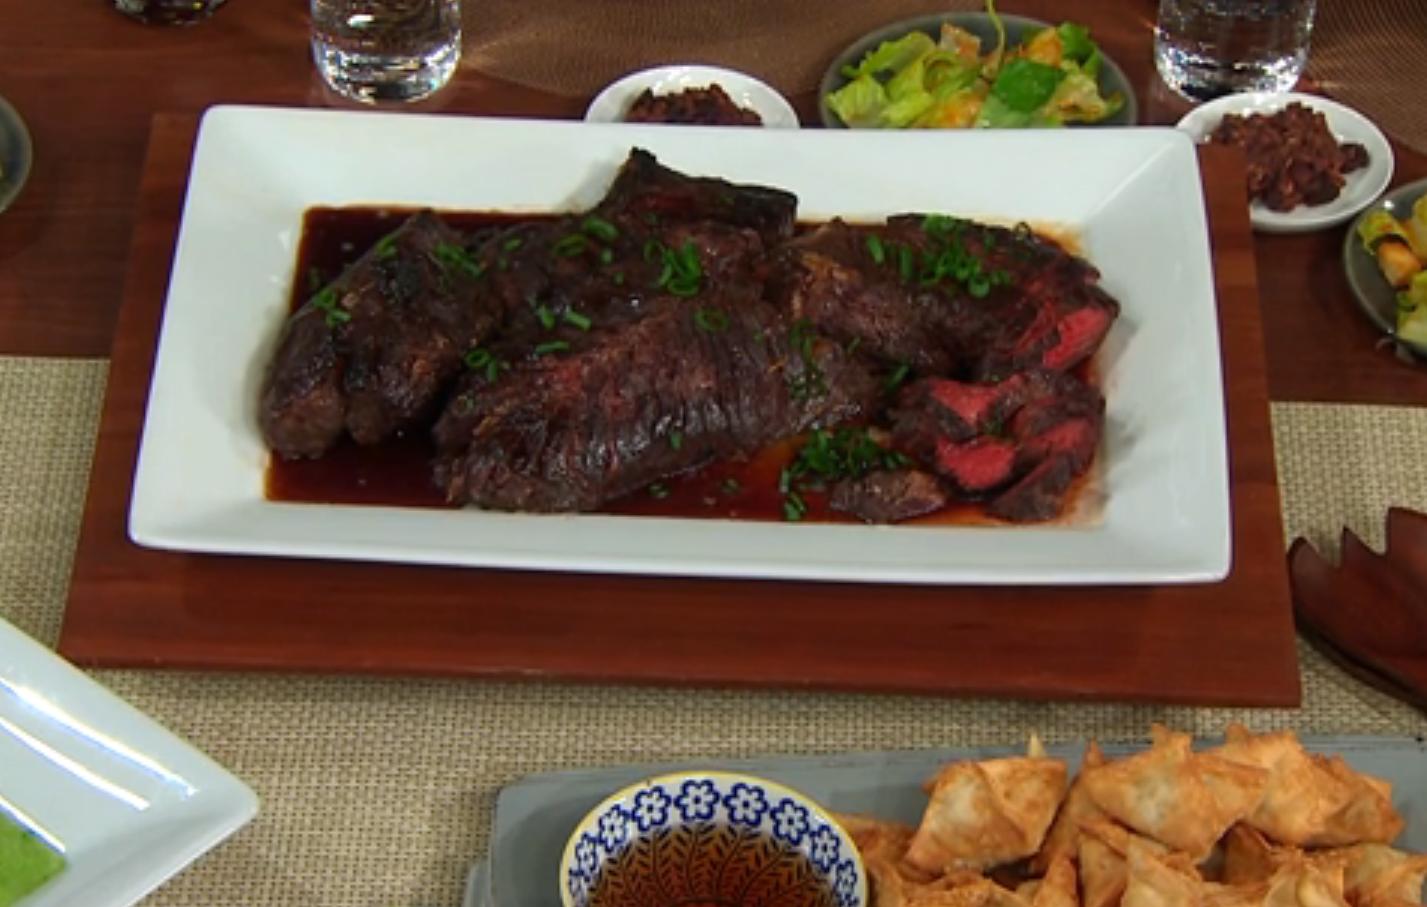 justin warner brings hanger steak to the dish cbs news. Black Bedroom Furniture Sets. Home Design Ideas